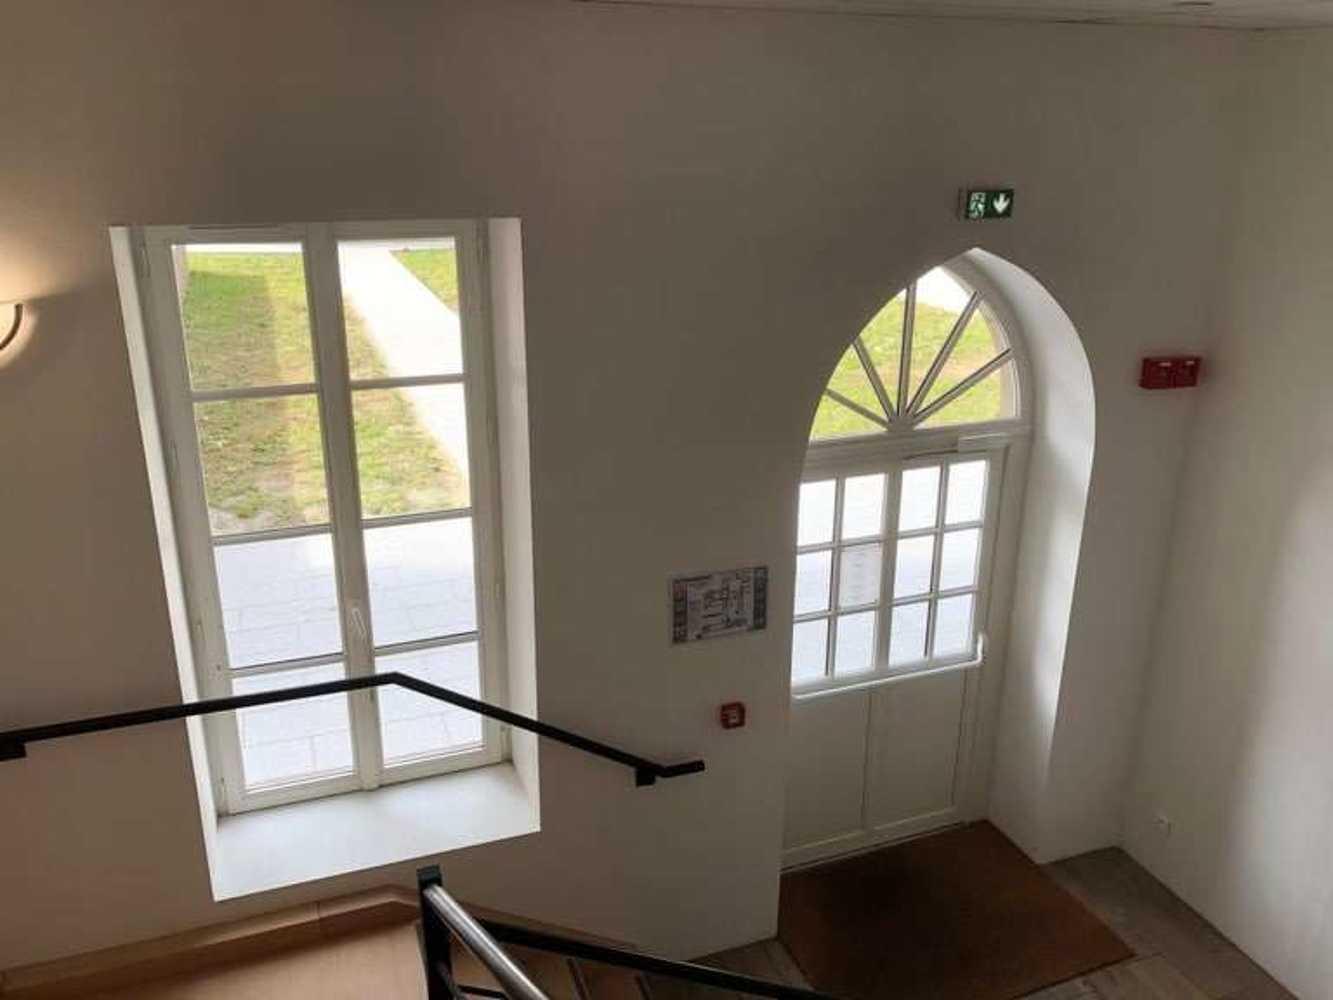 Portes et fenêtres en bois - Collège des Cordeliers - Dinan 746077796812969756972911545579578154549248n